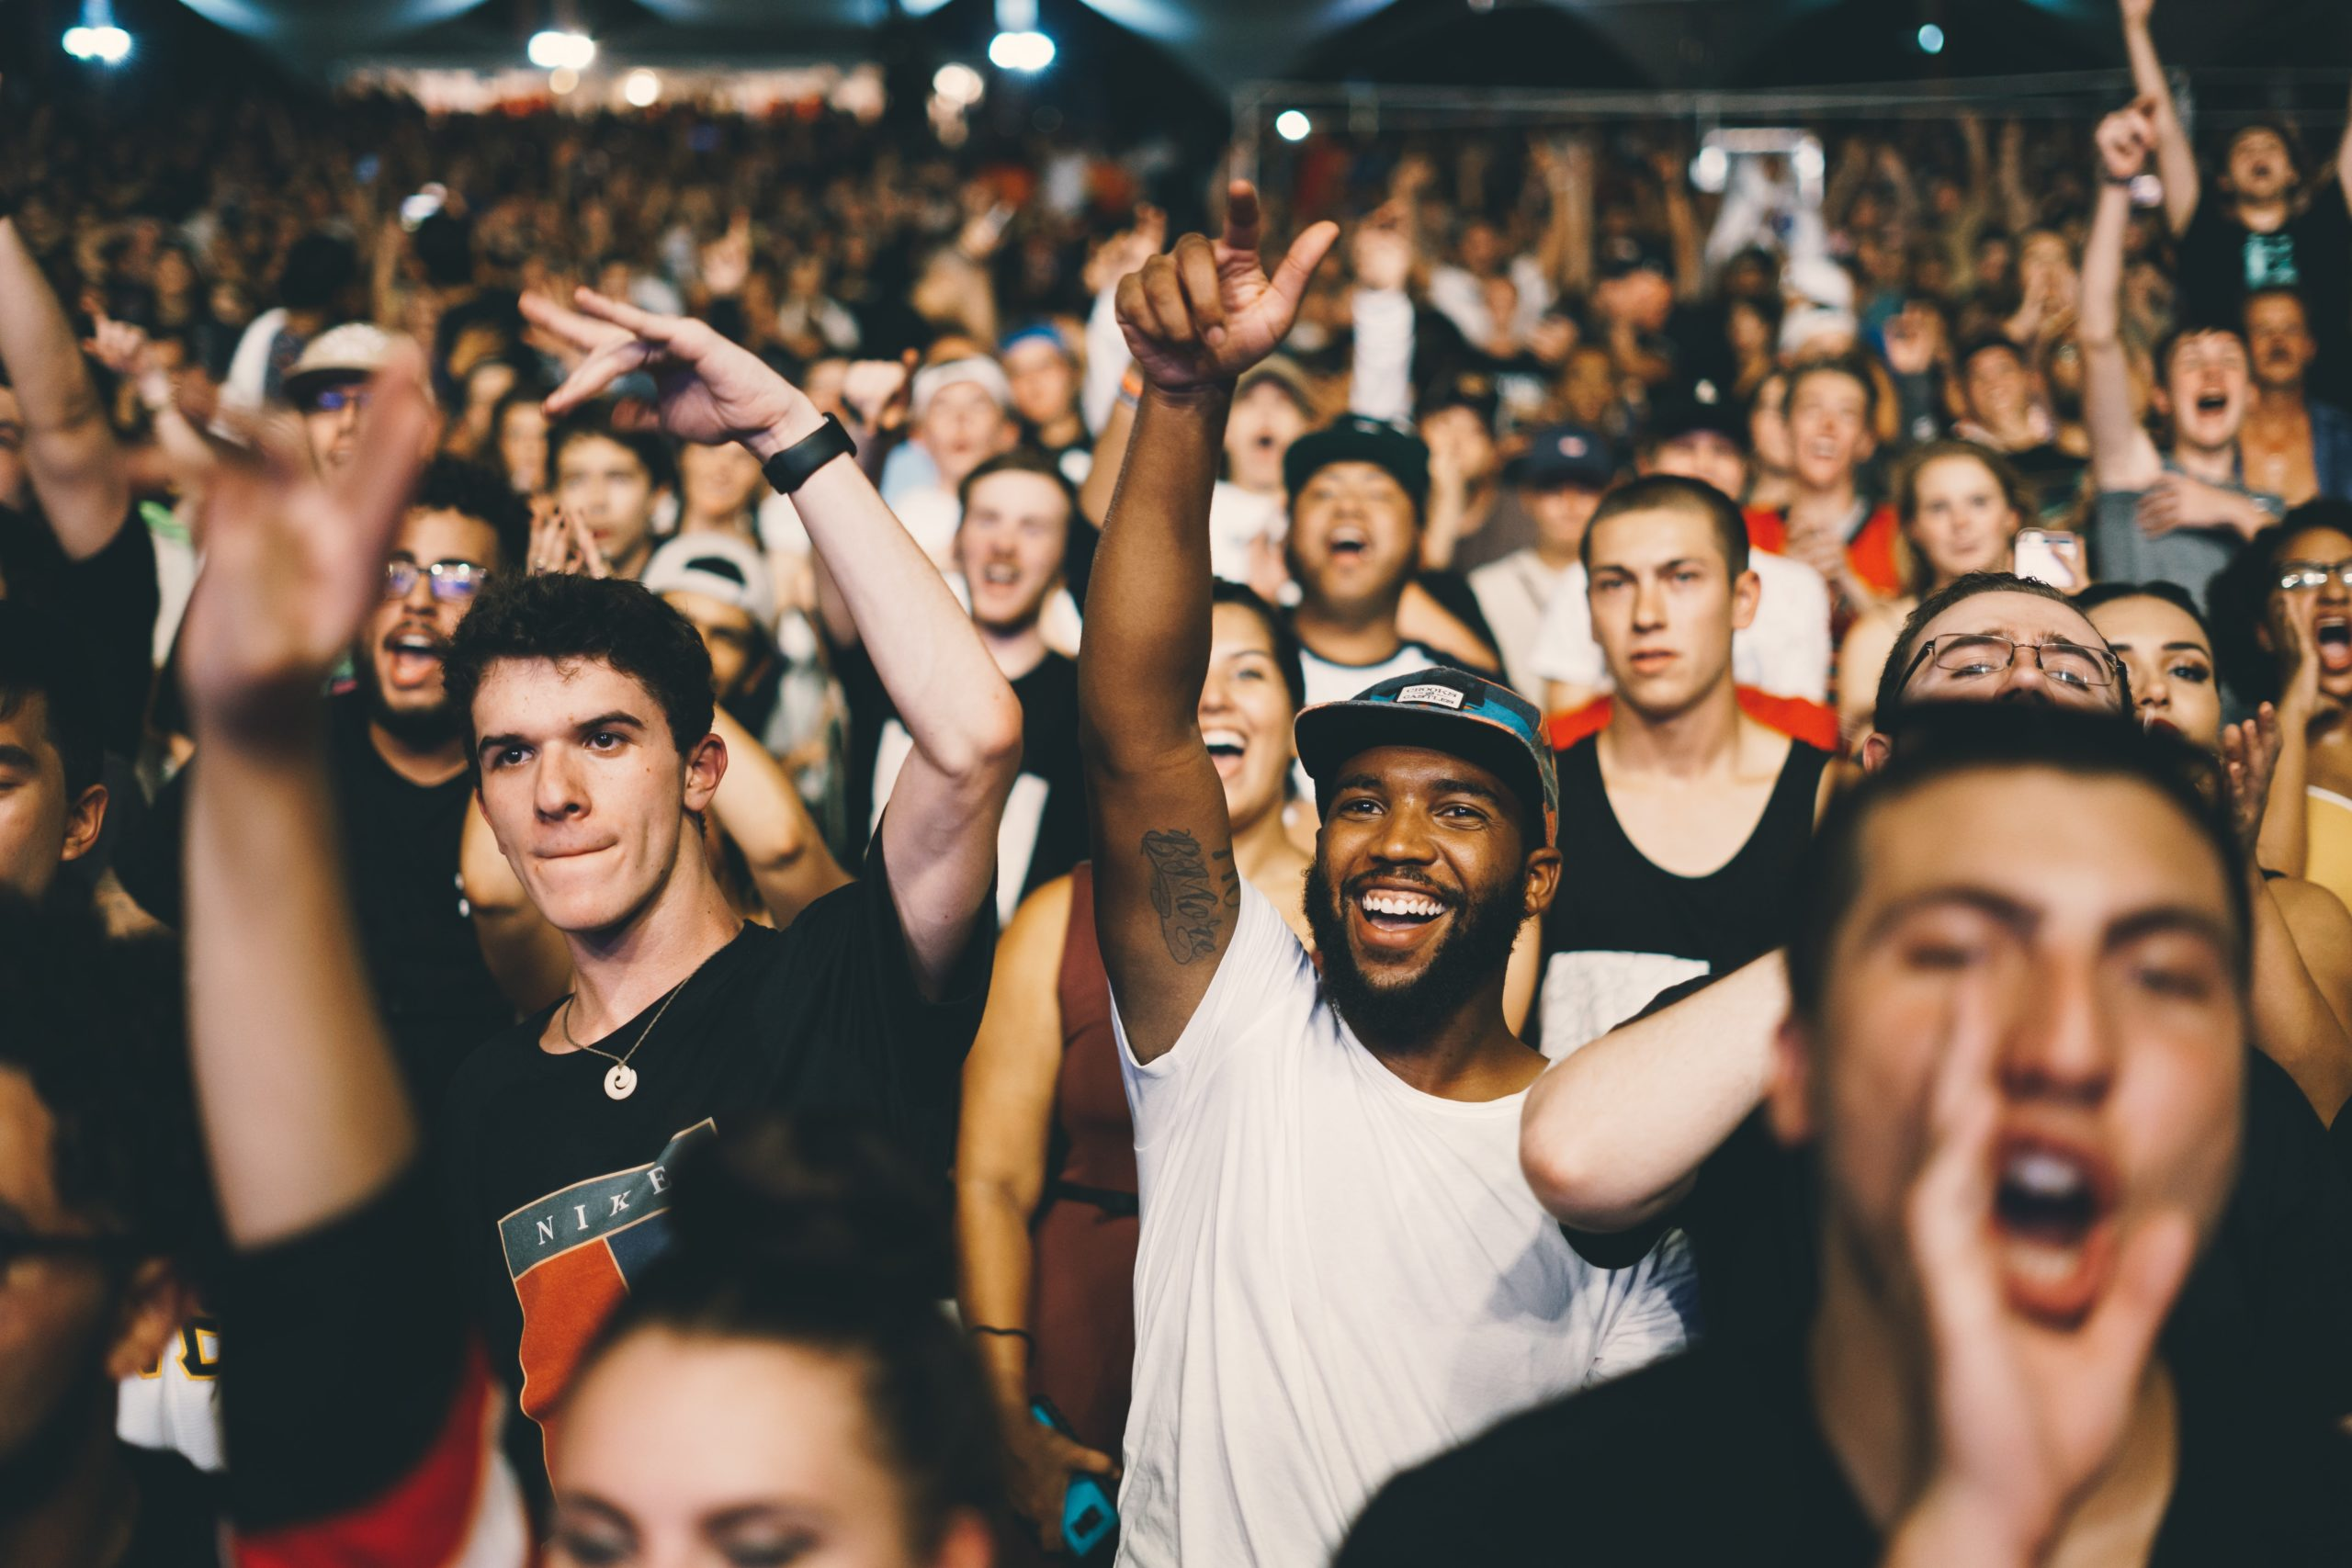 Les concerts & la foule - un monde plutôt pour les extravertis